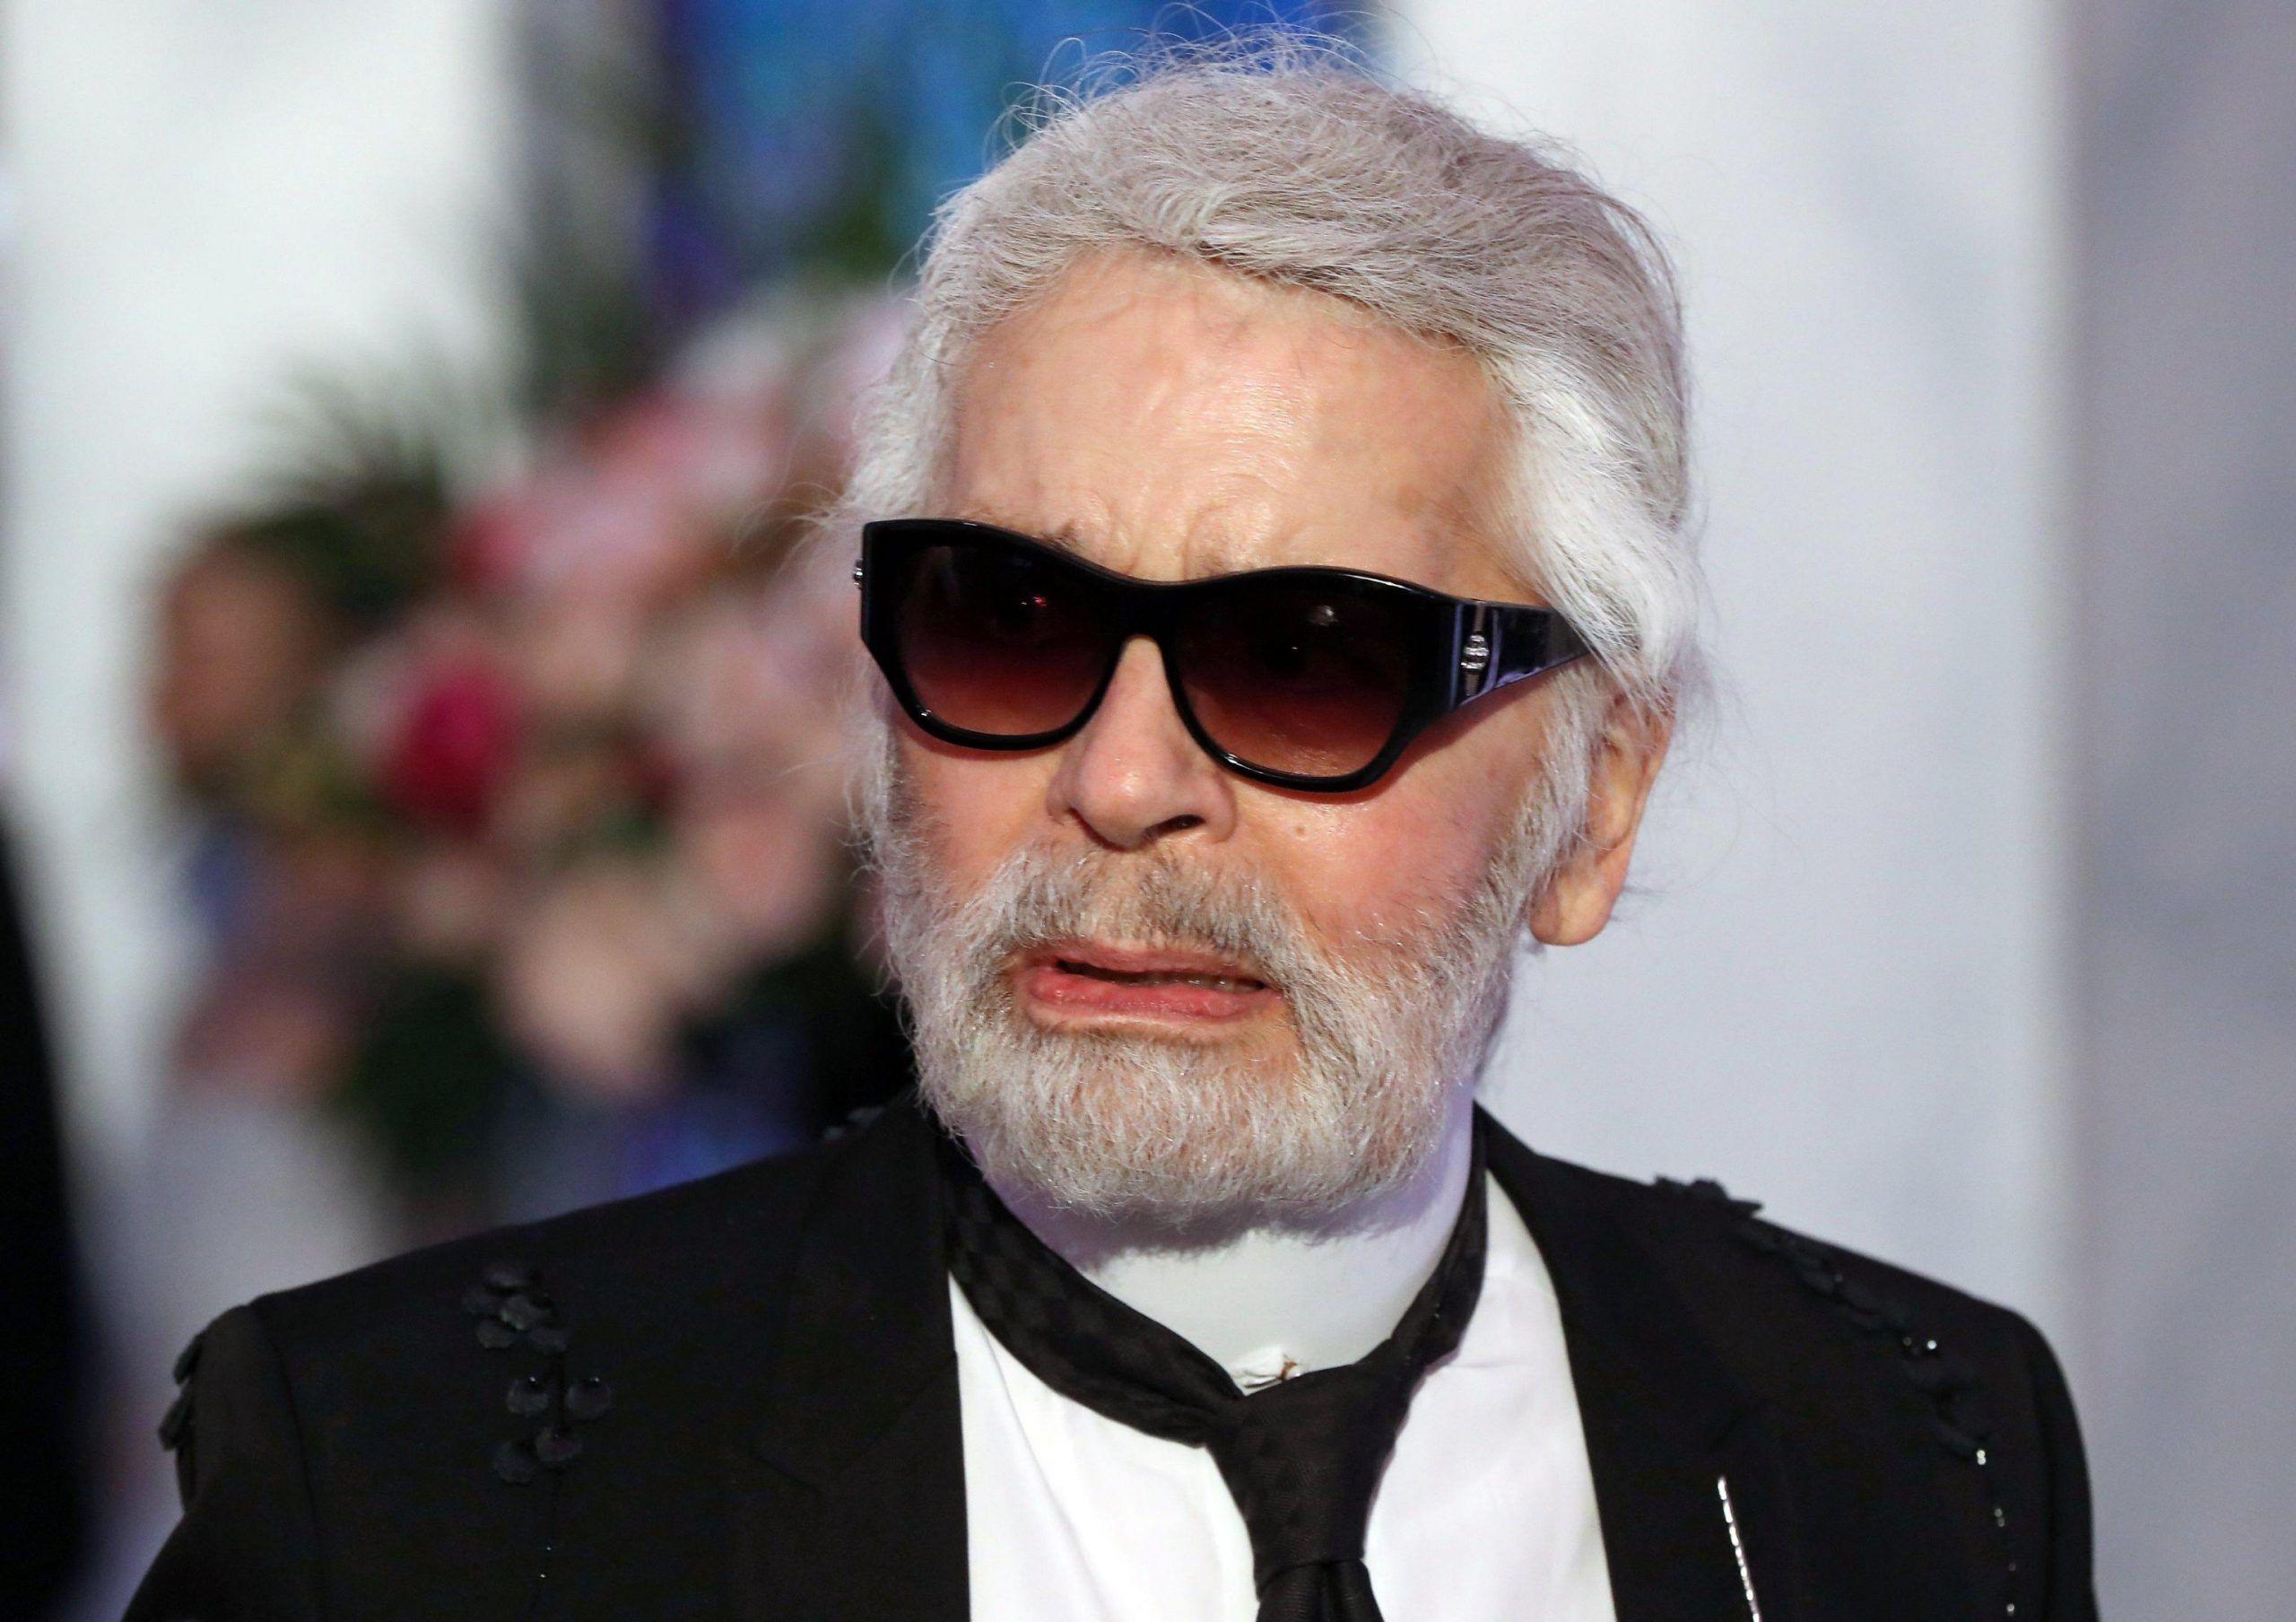 Karl Lagerfeld e le accuse di molestie: 'Le modelle sanno a cosa vanno incontro'